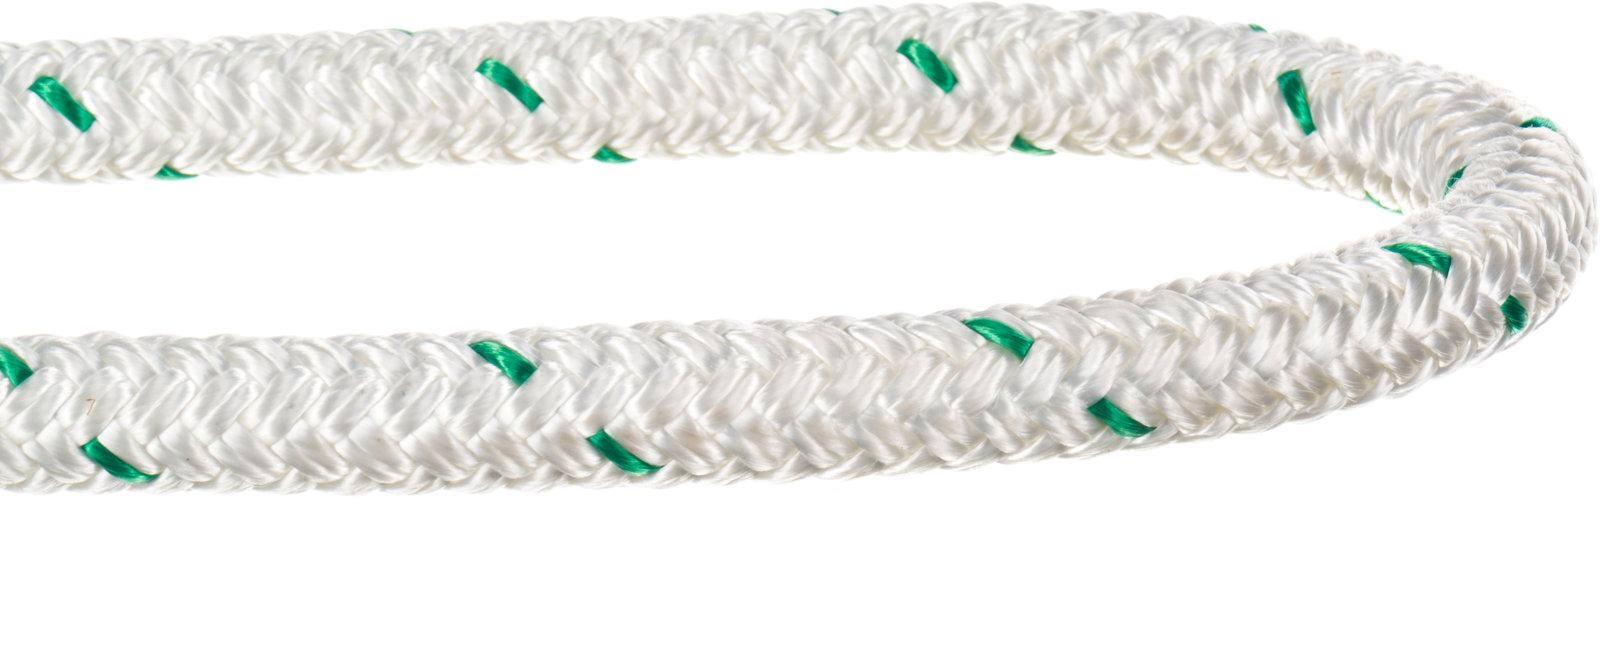 Polyester Nylon Double Braid